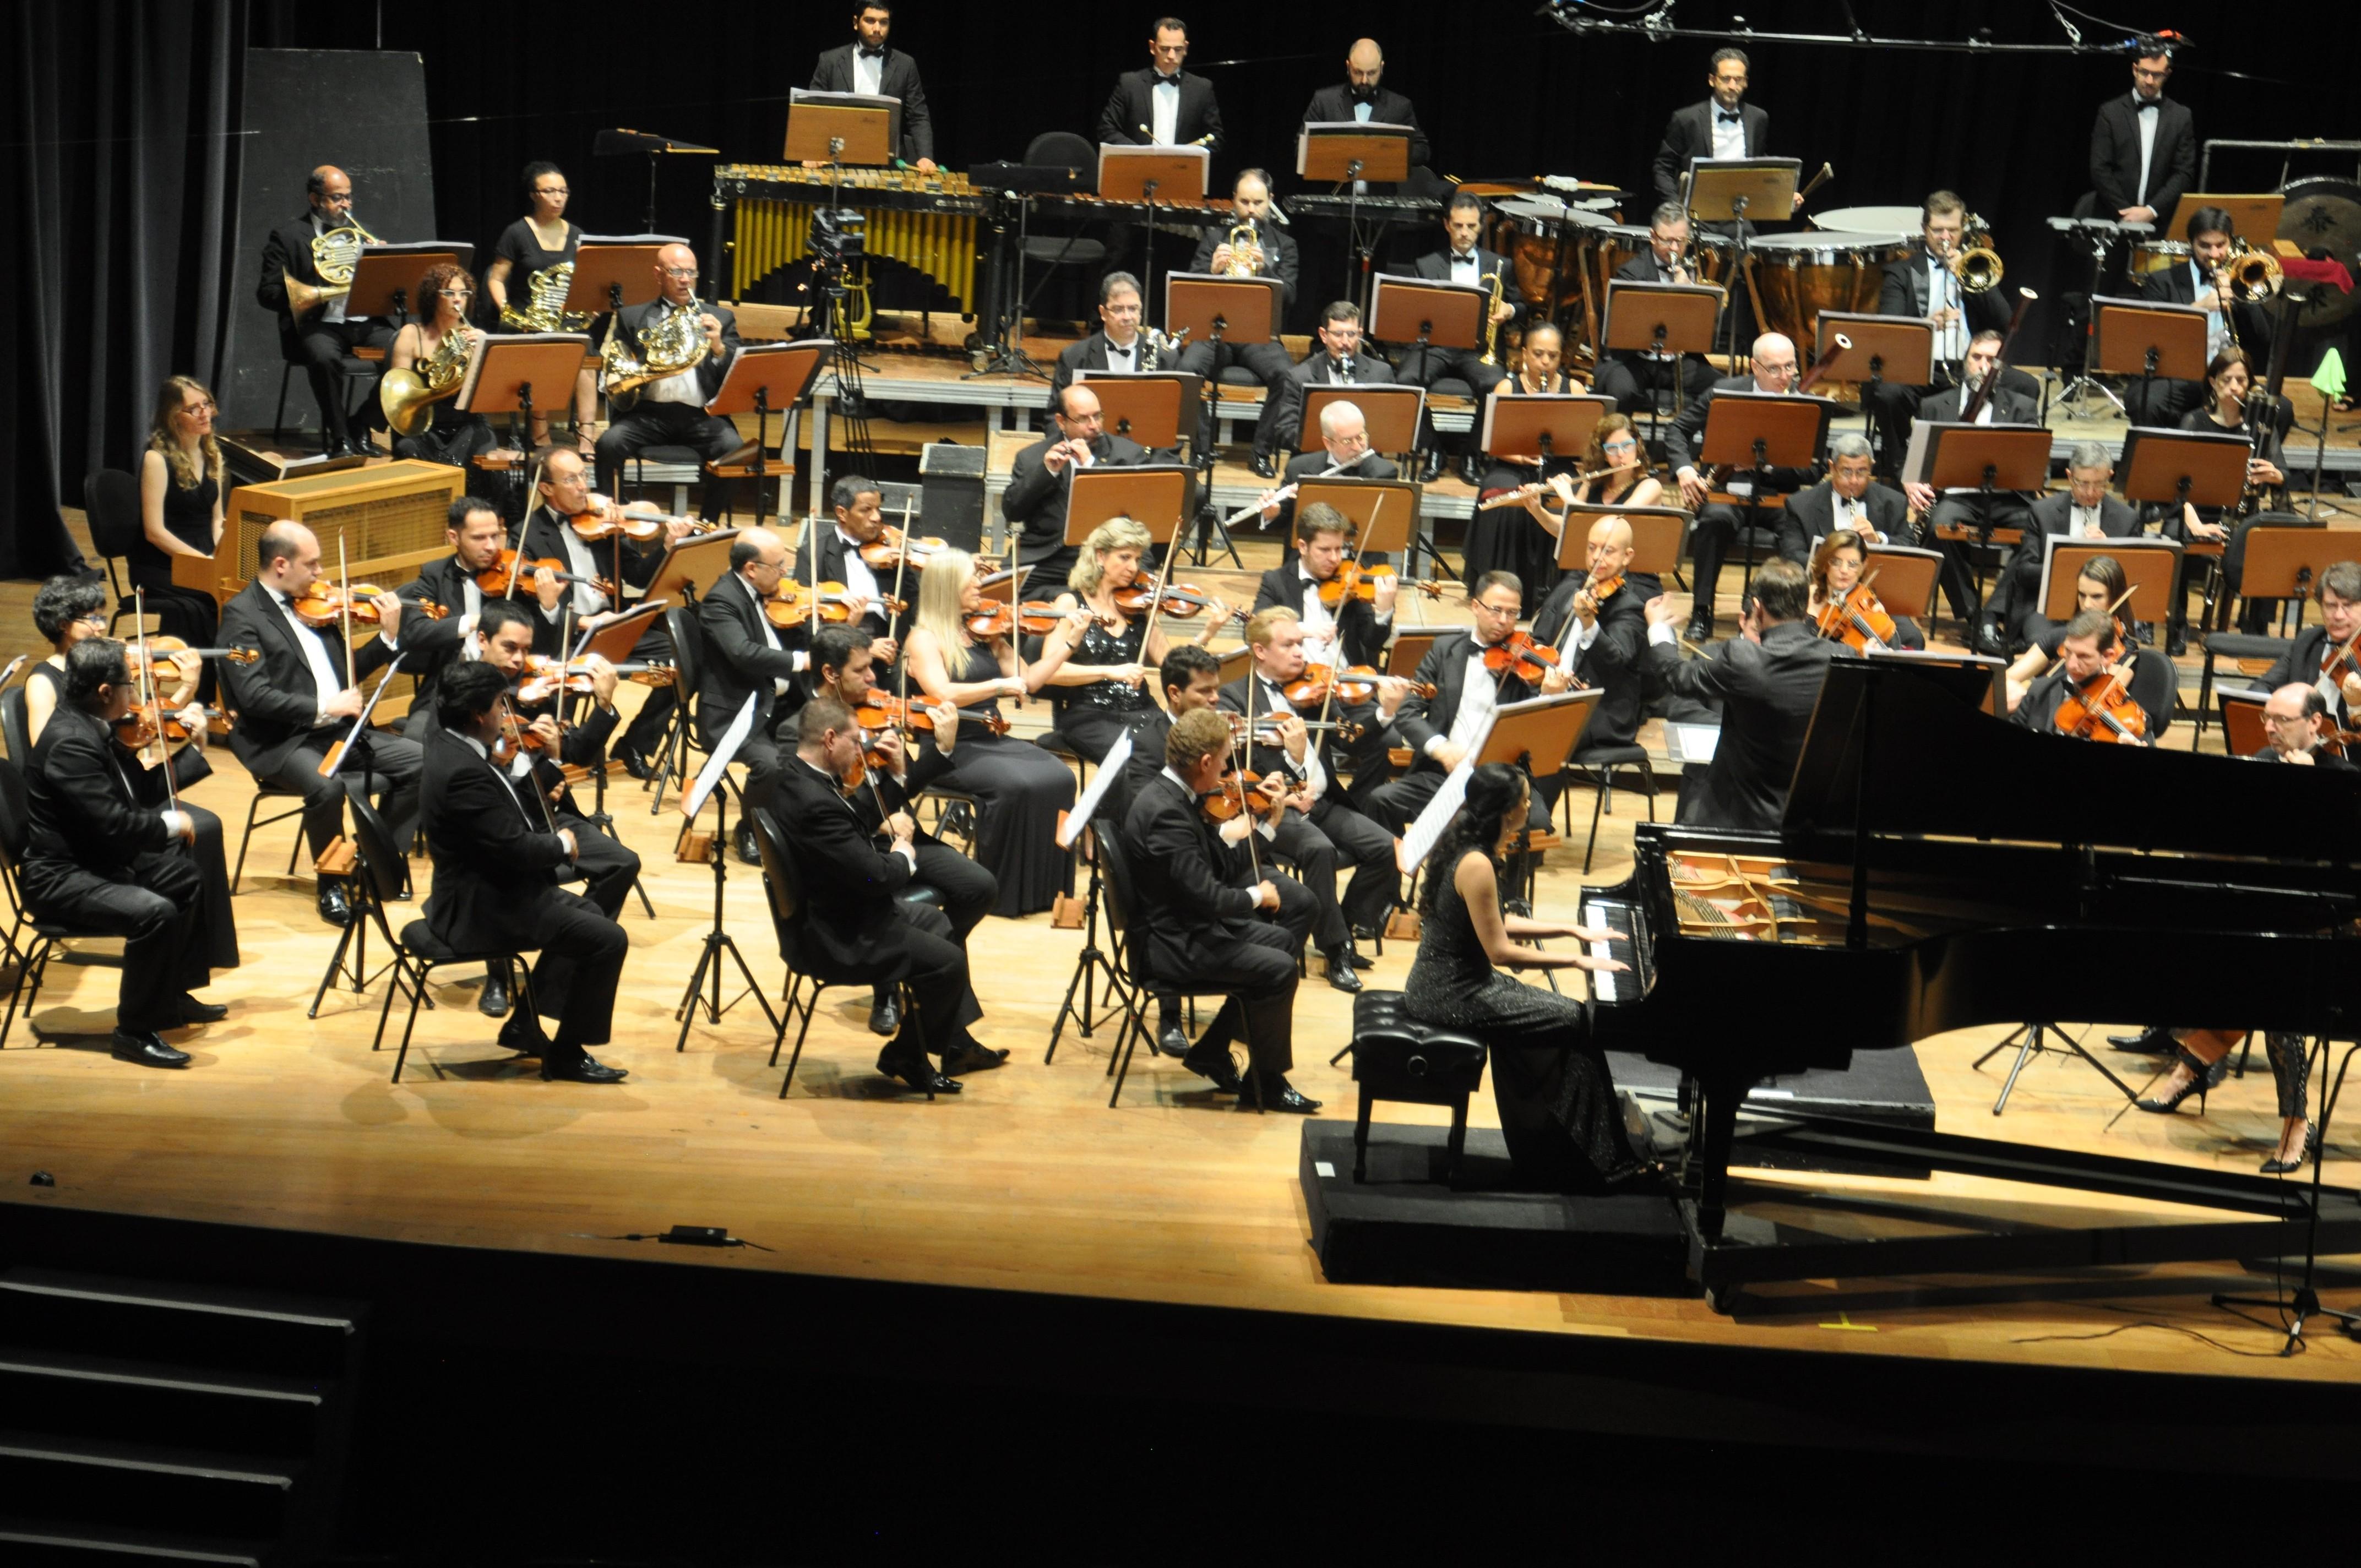 Sinfônica de Campinas se apresenta com ingressos a partir de R$5 neste fim de semana - Noticias